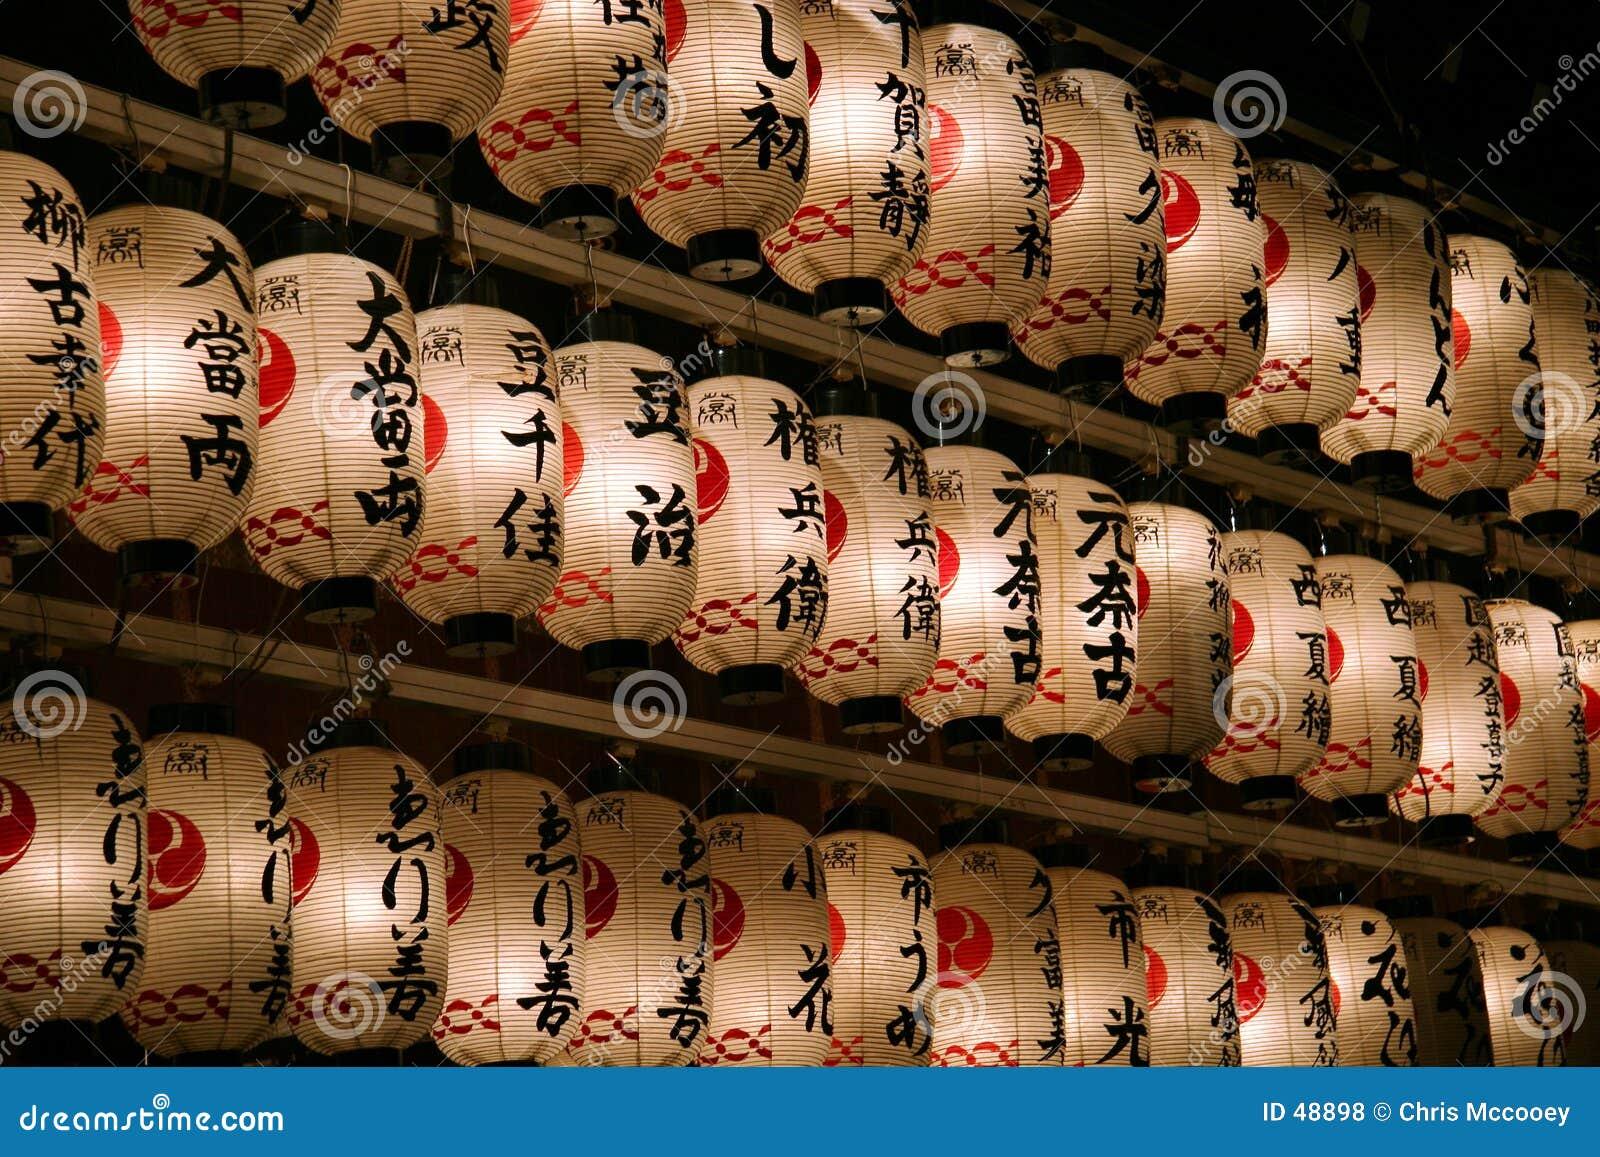 Japanische Laternen nachts.